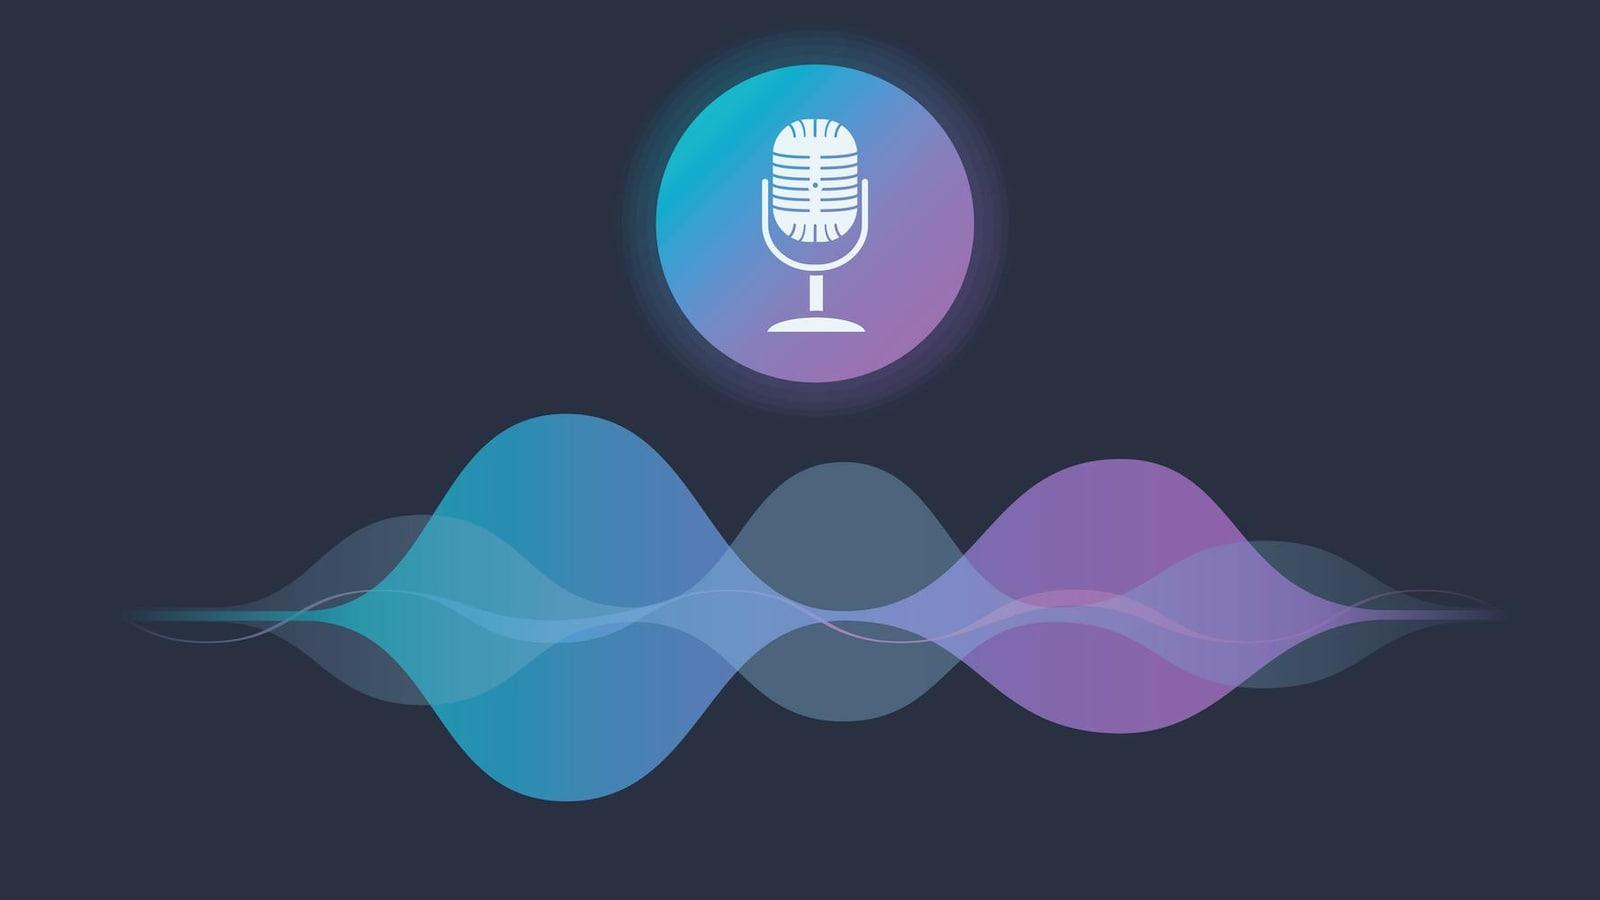 Des chercheurs créent une voix ni masculine ni féminine — Assistant vocal